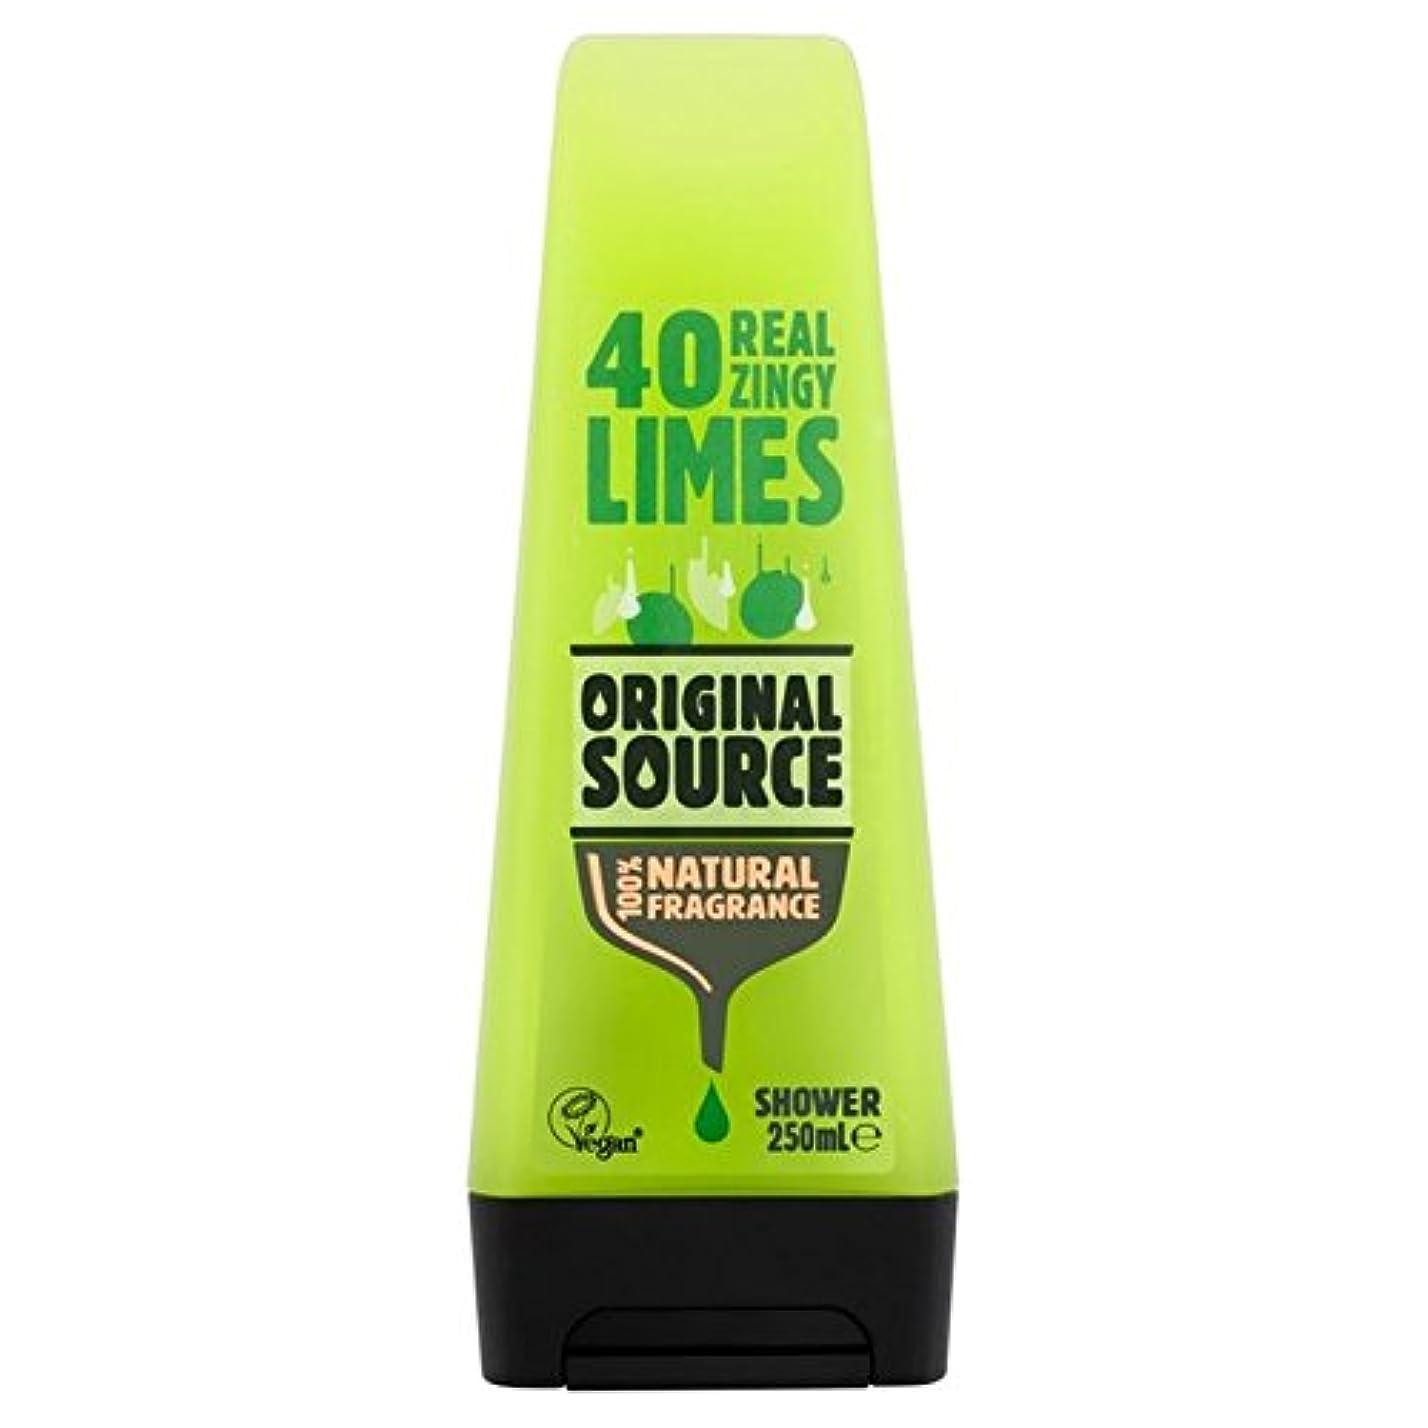 第四シエスタスタイル元のソースライムシャワージェル250ミリリットル x2 - Original Source Lime Shower Gel 250ml (Pack of 2) [並行輸入品]